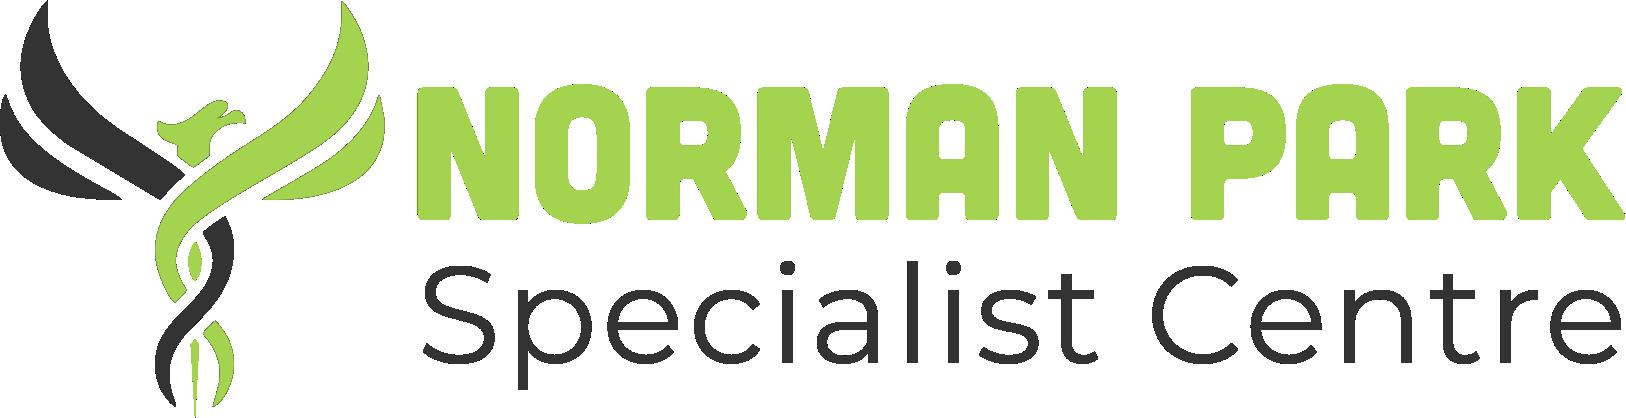 Norman Park Specialist Centre